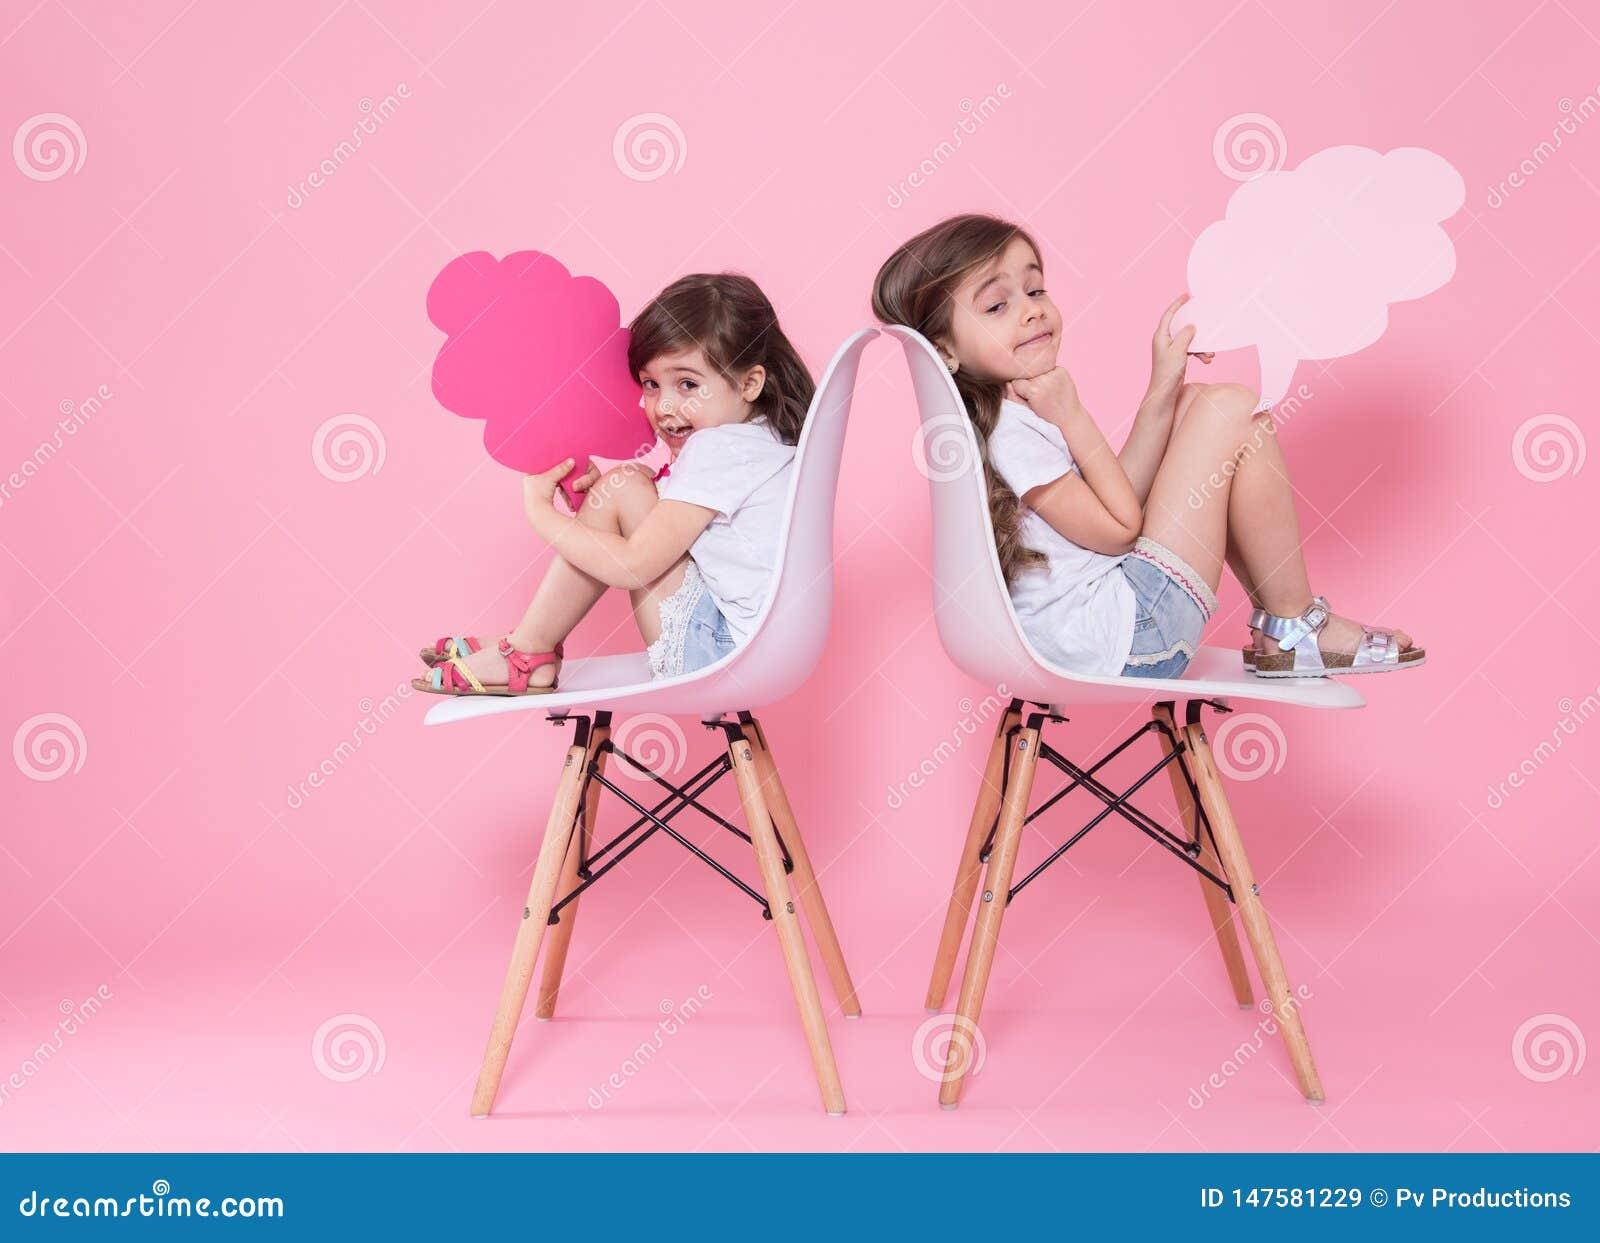 Twee meisjes op een gekleurde achtergrond met toespraakpictogrammen